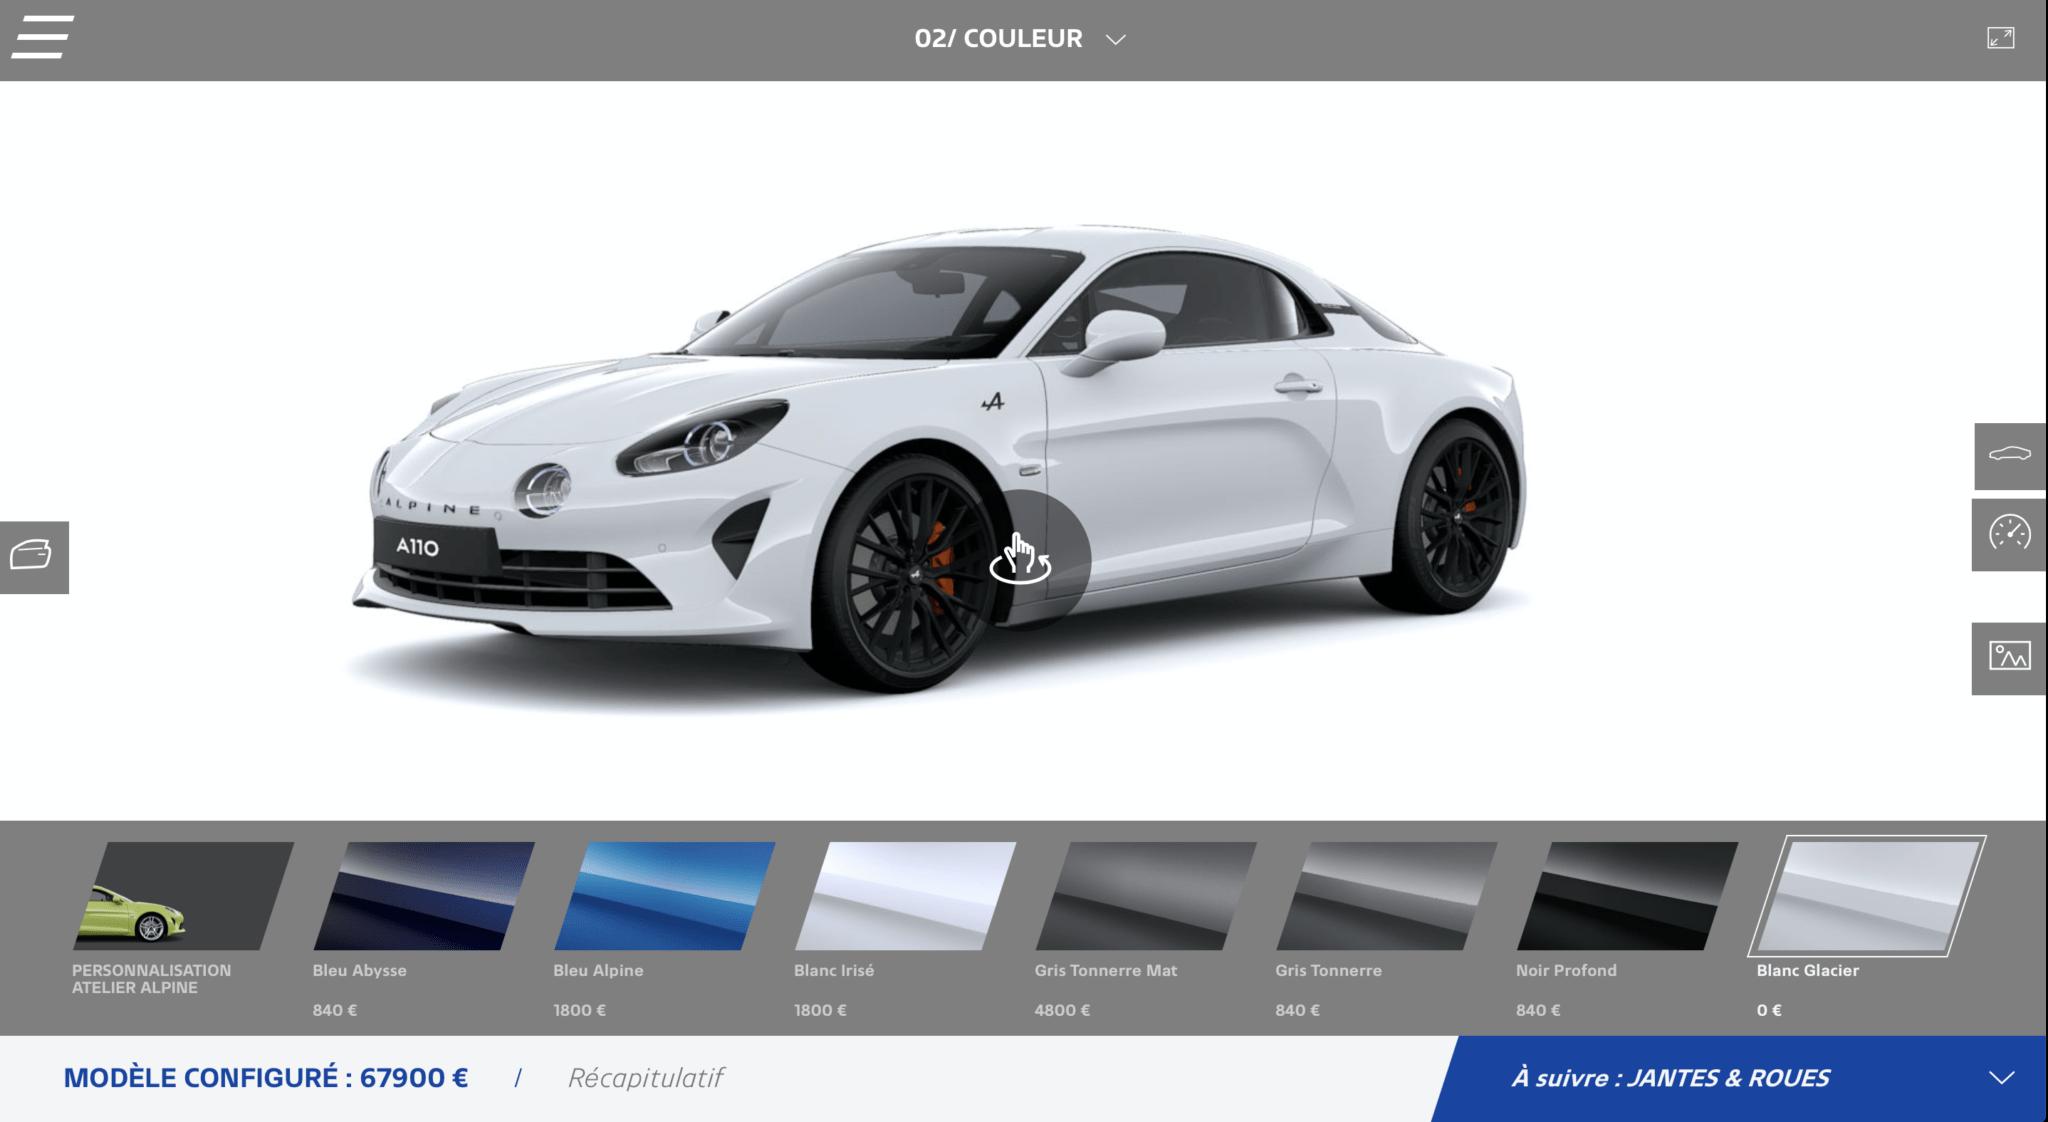 Atelier Alpine A110 Configurateur 2020 7 | Atelier Alpine: le configurateur fait peau neuve en 2020